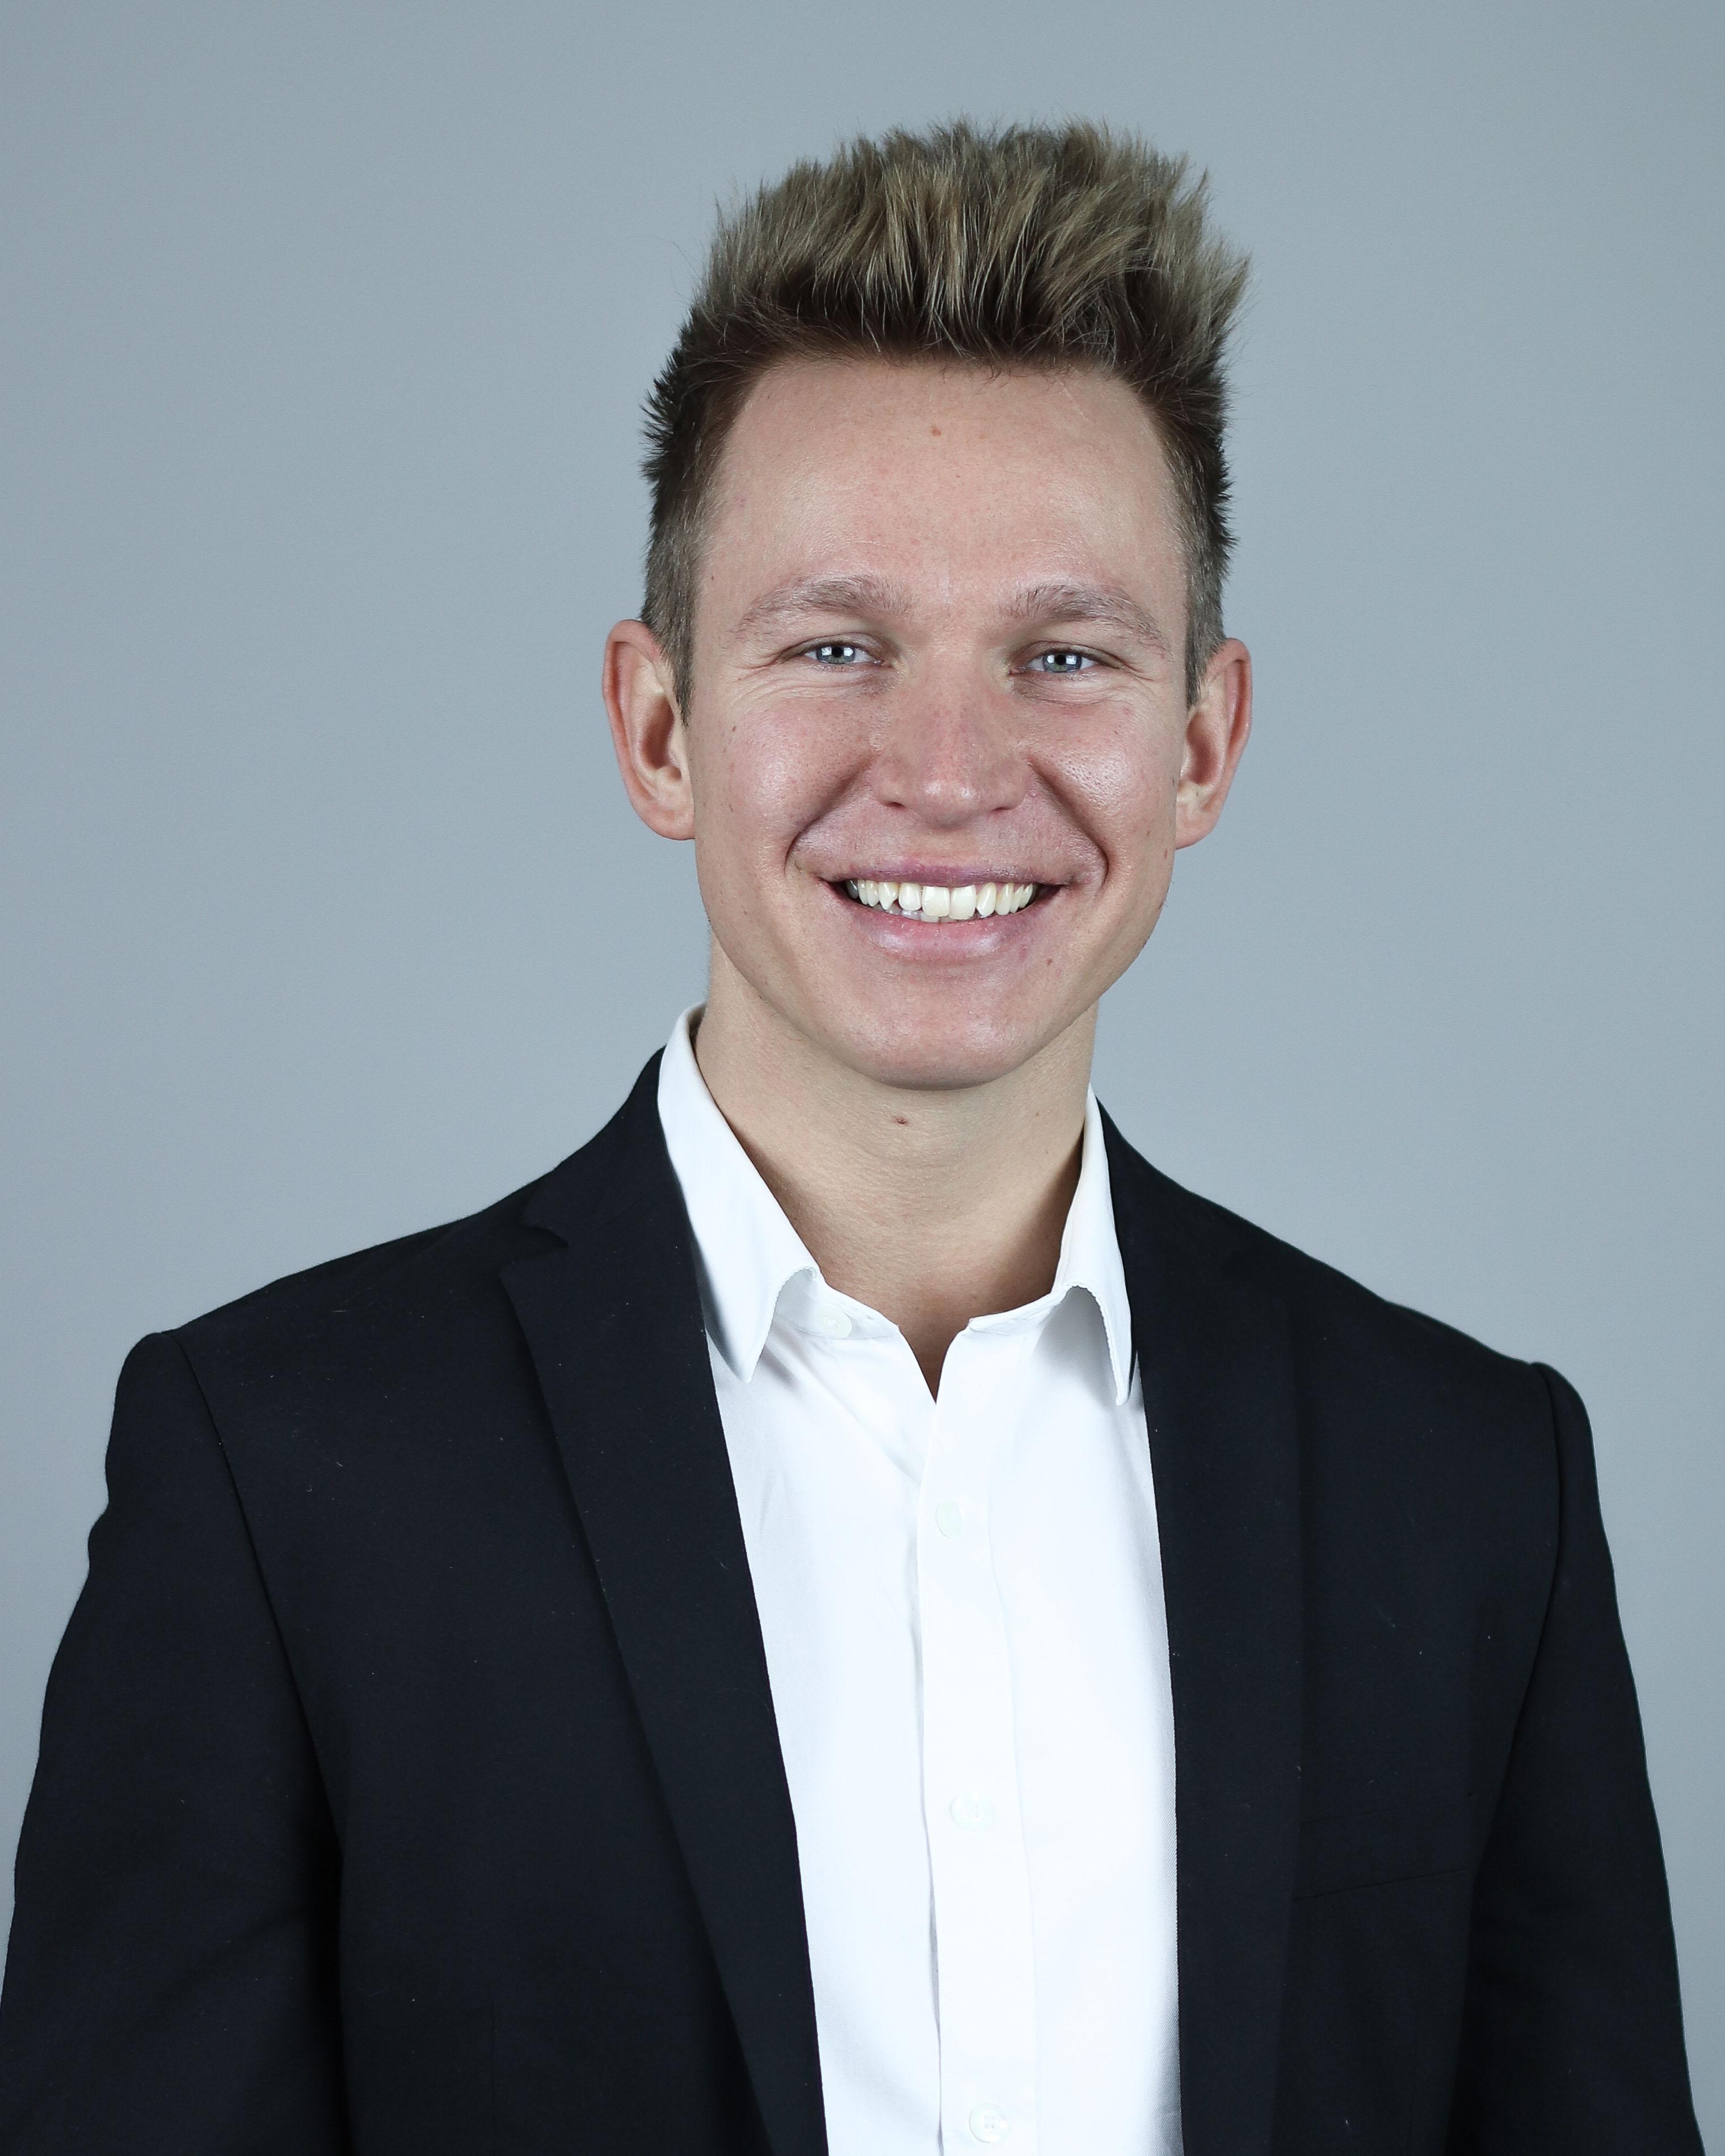 Morten Bligaard Christensen